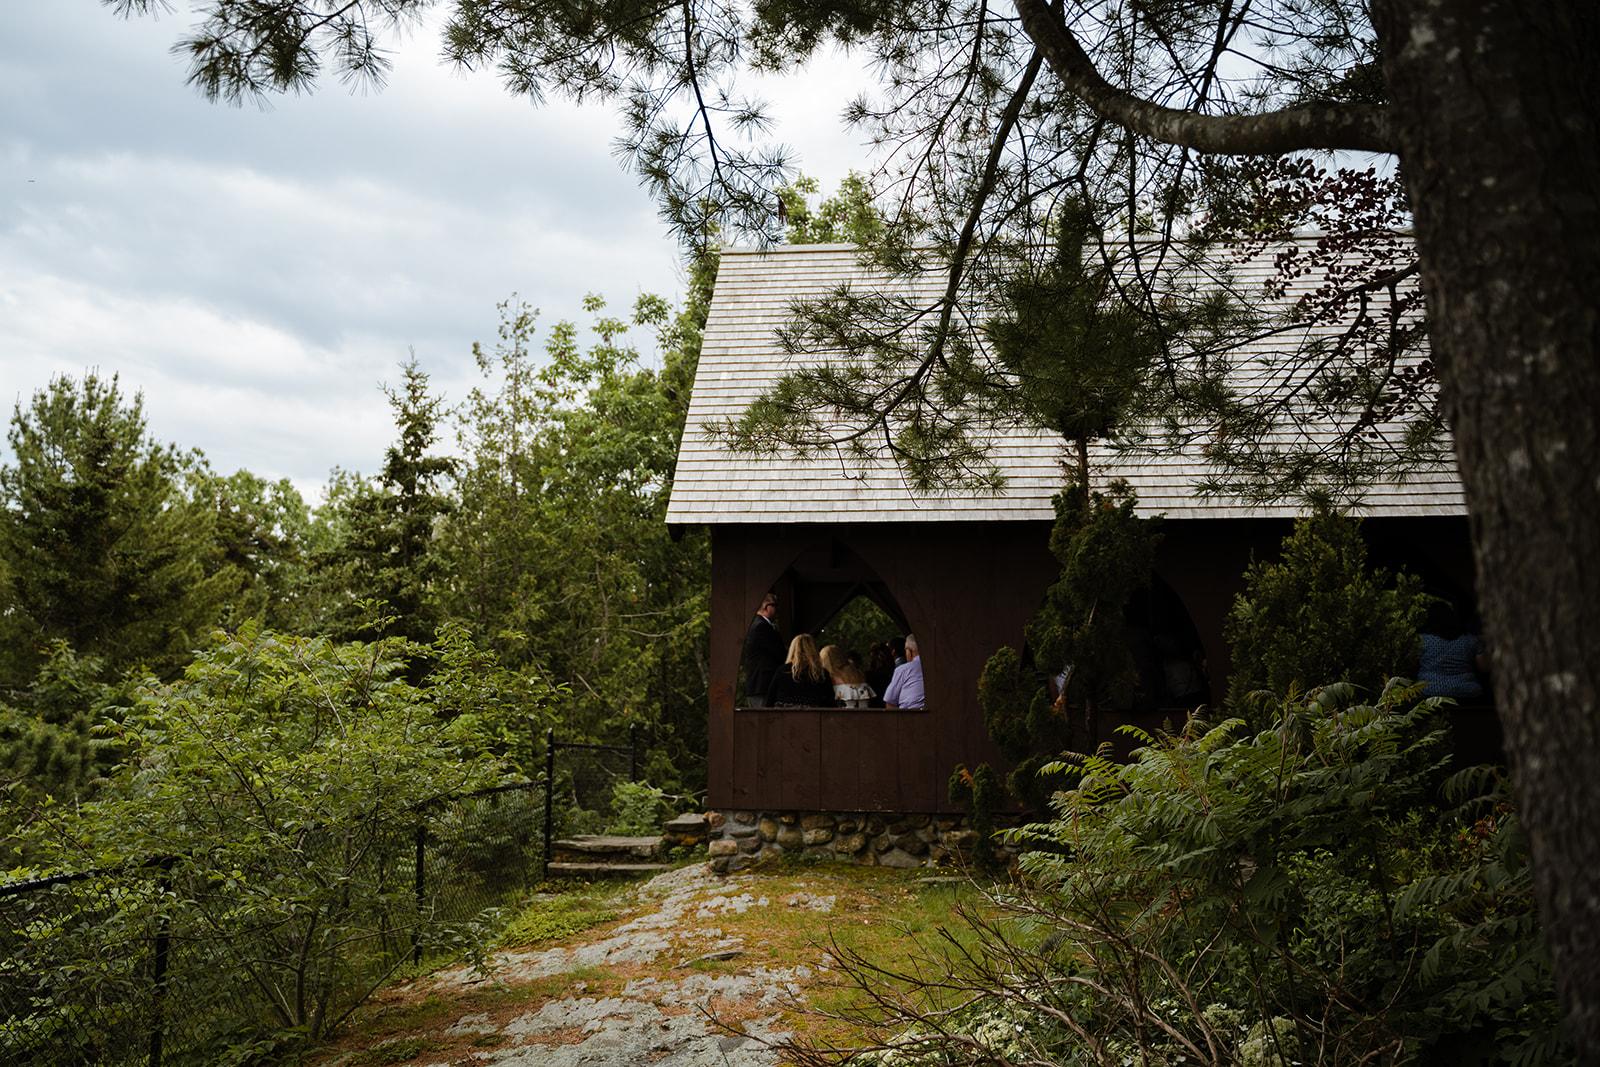 coastal wedding plus size couple rockland maine vesper hill childrens chapel 13